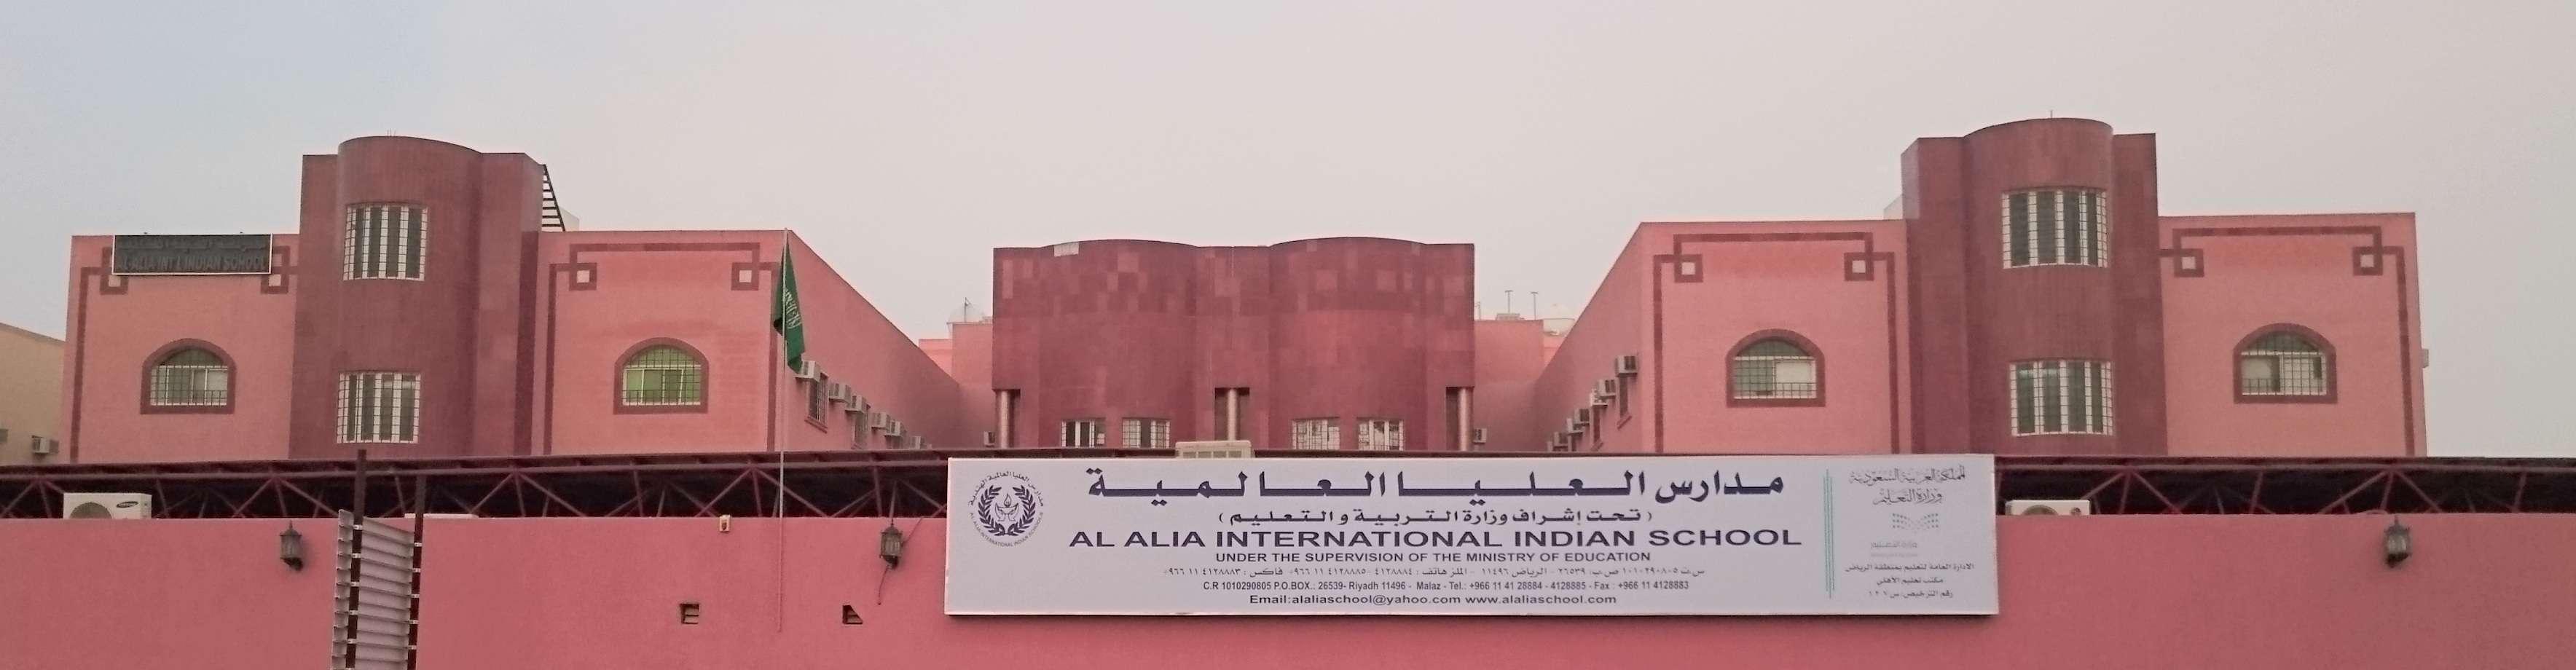 AL ALIA INTERNATIONAL INDIAN SCHOOL P O BOX 26539 RIYADH 11496 MALAZRIYADH KSA 5730013